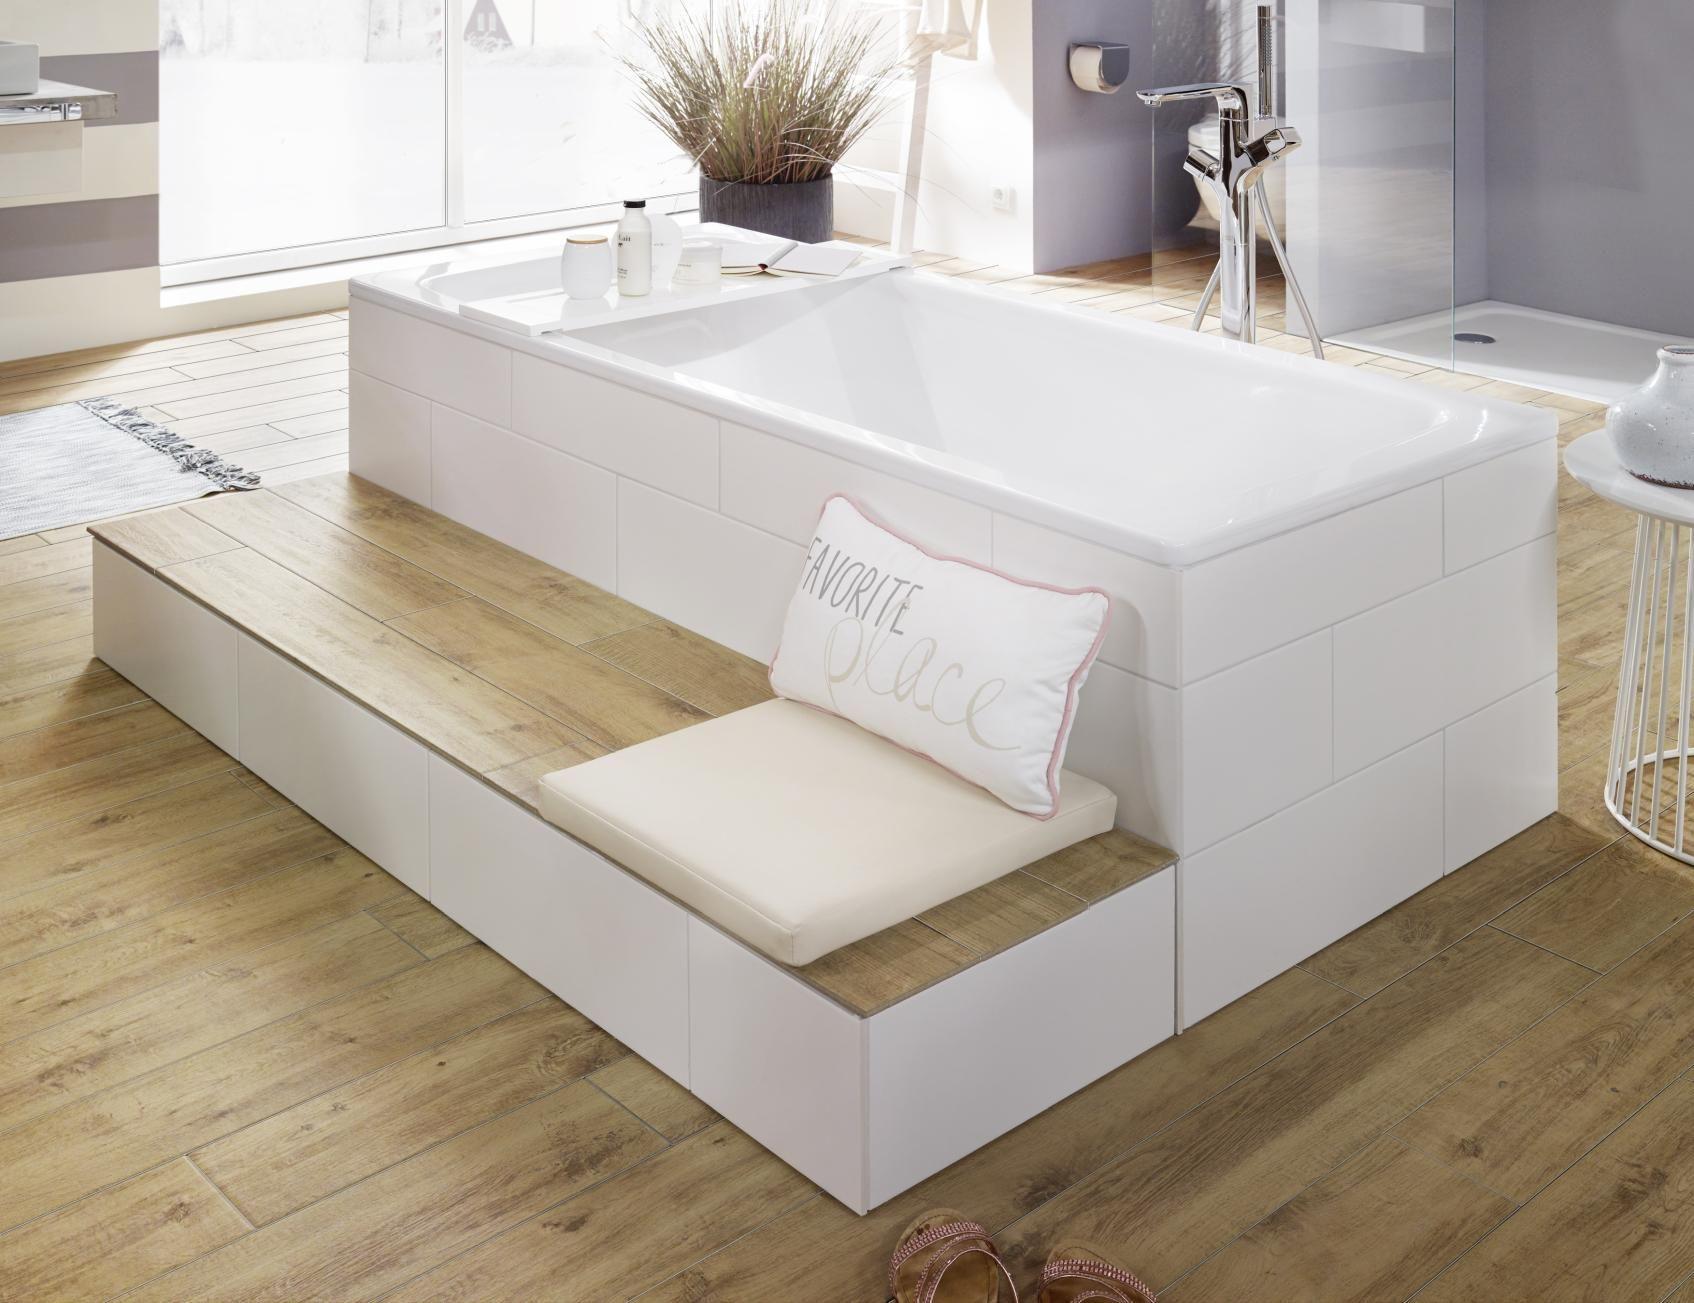 łazienka W Stylu Skandynawskim Czyli Piękno Drewna I Bieli